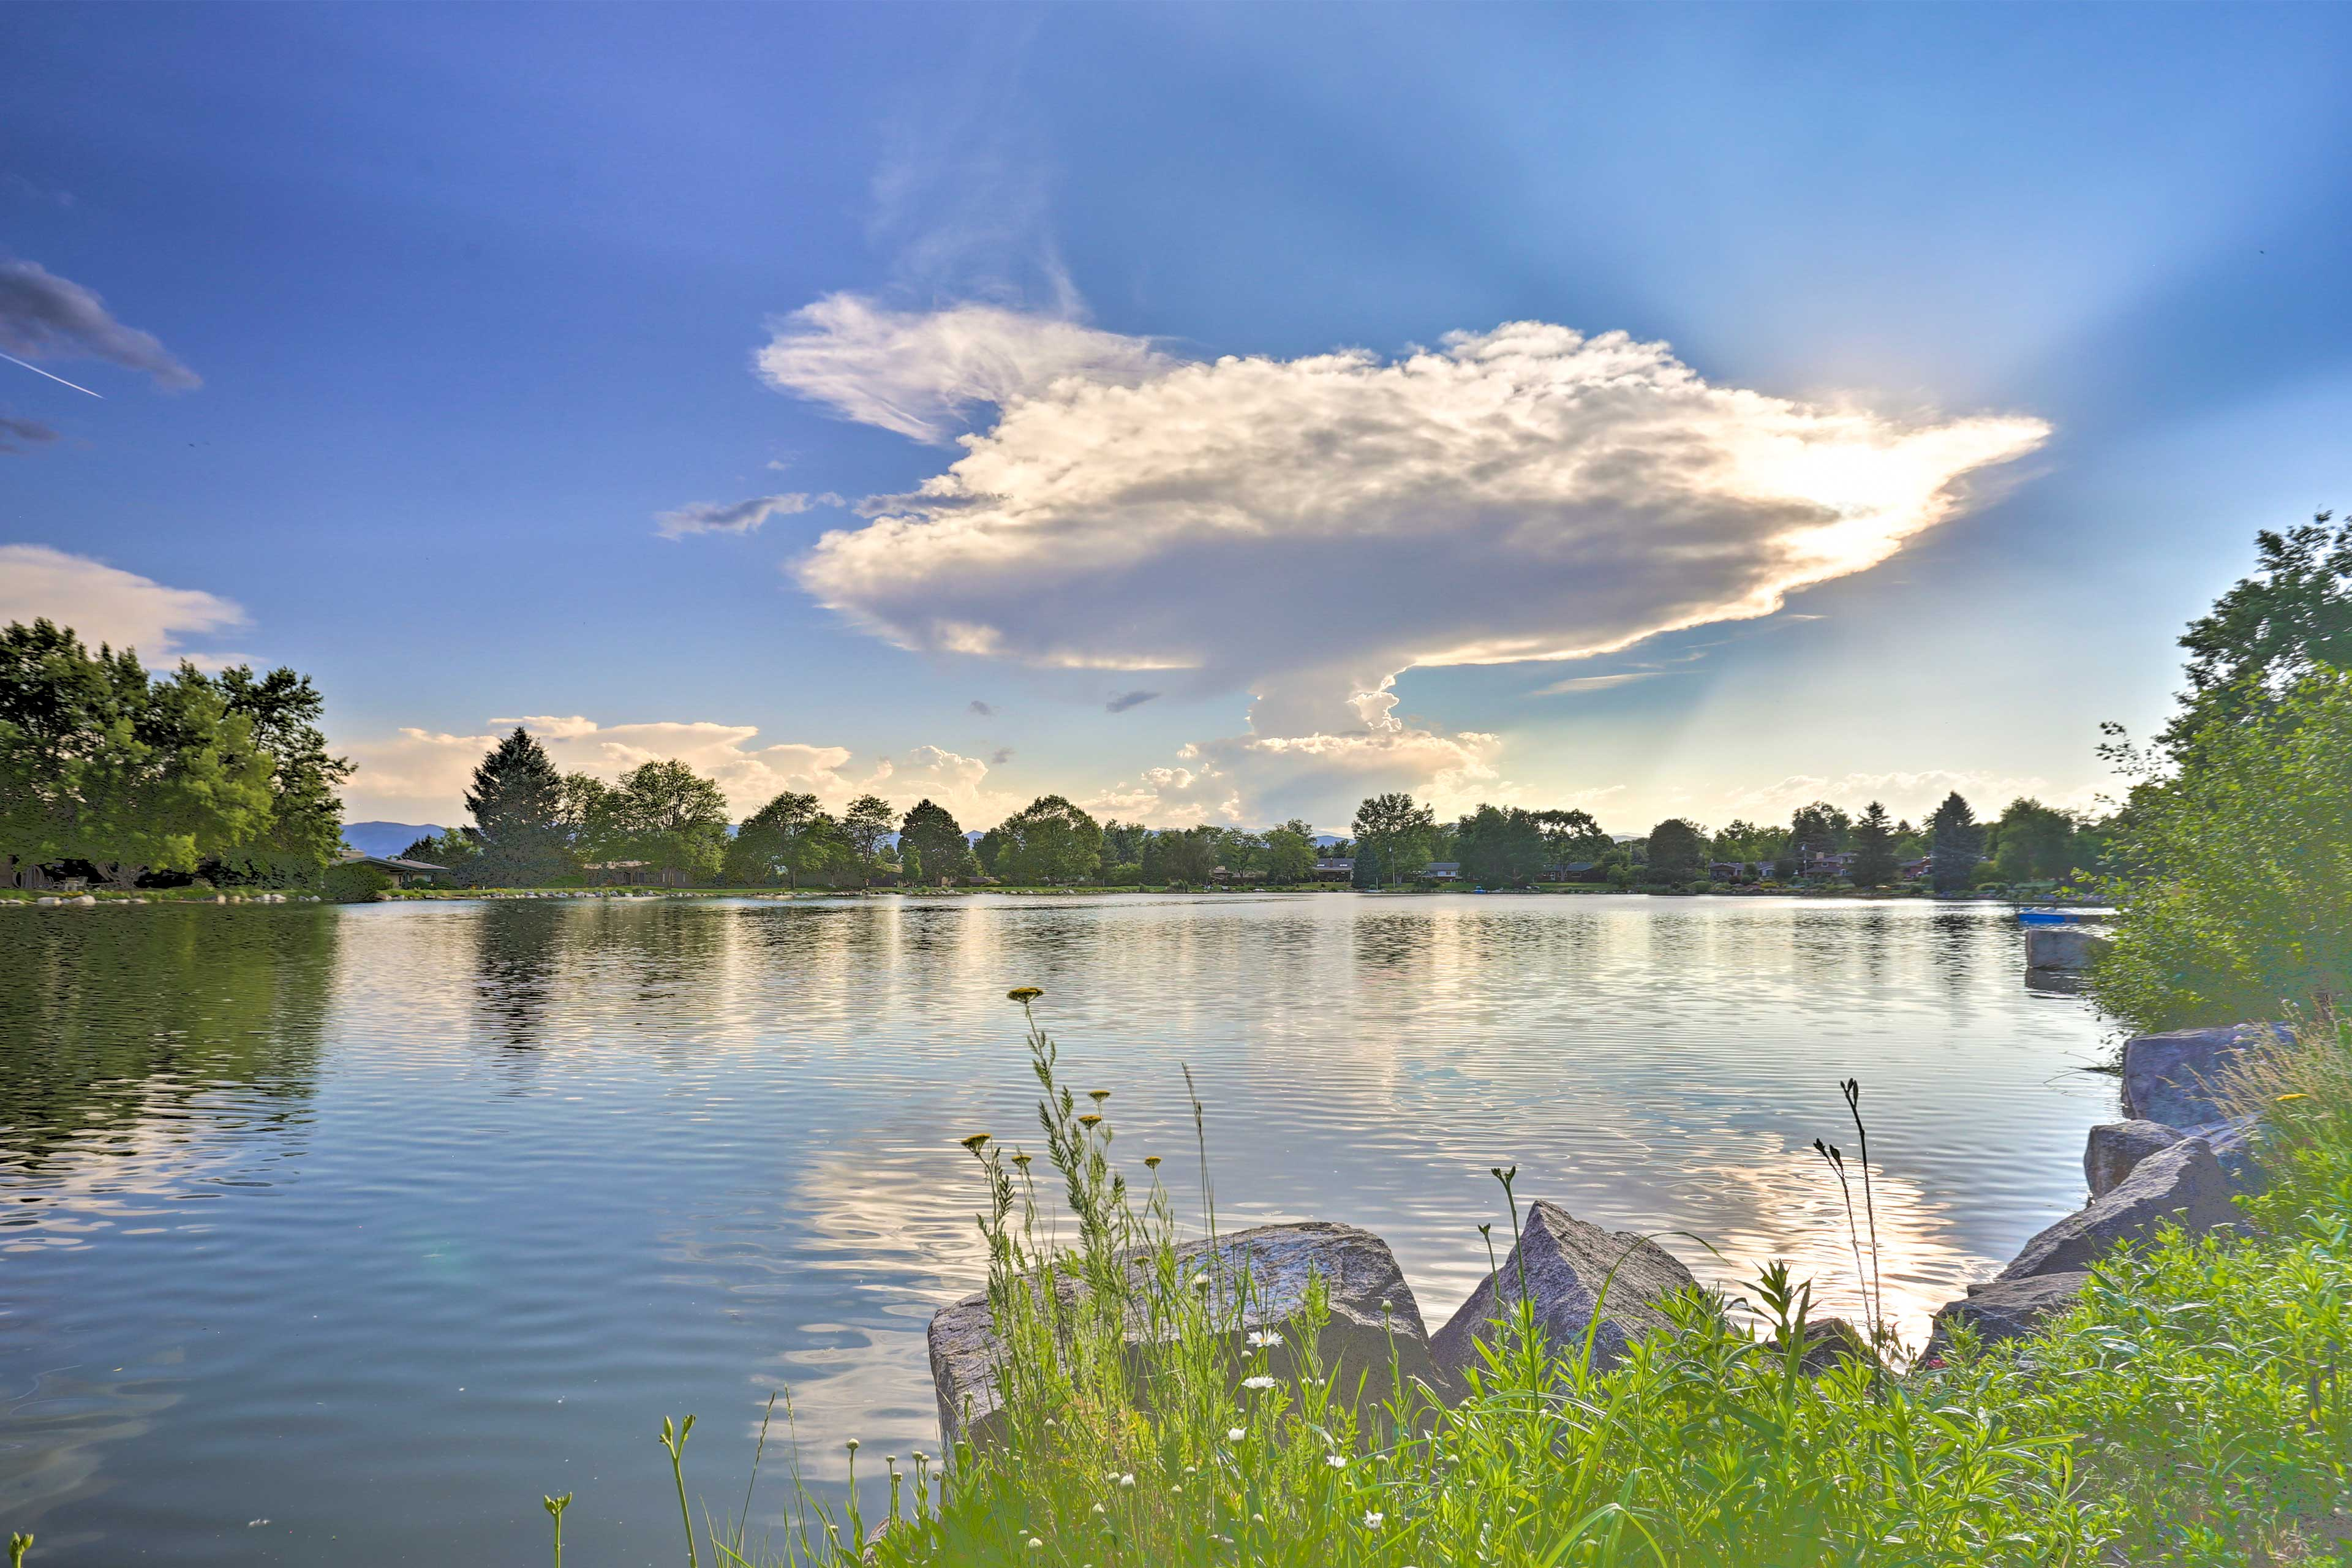 Enjoy a lakefront picnic!